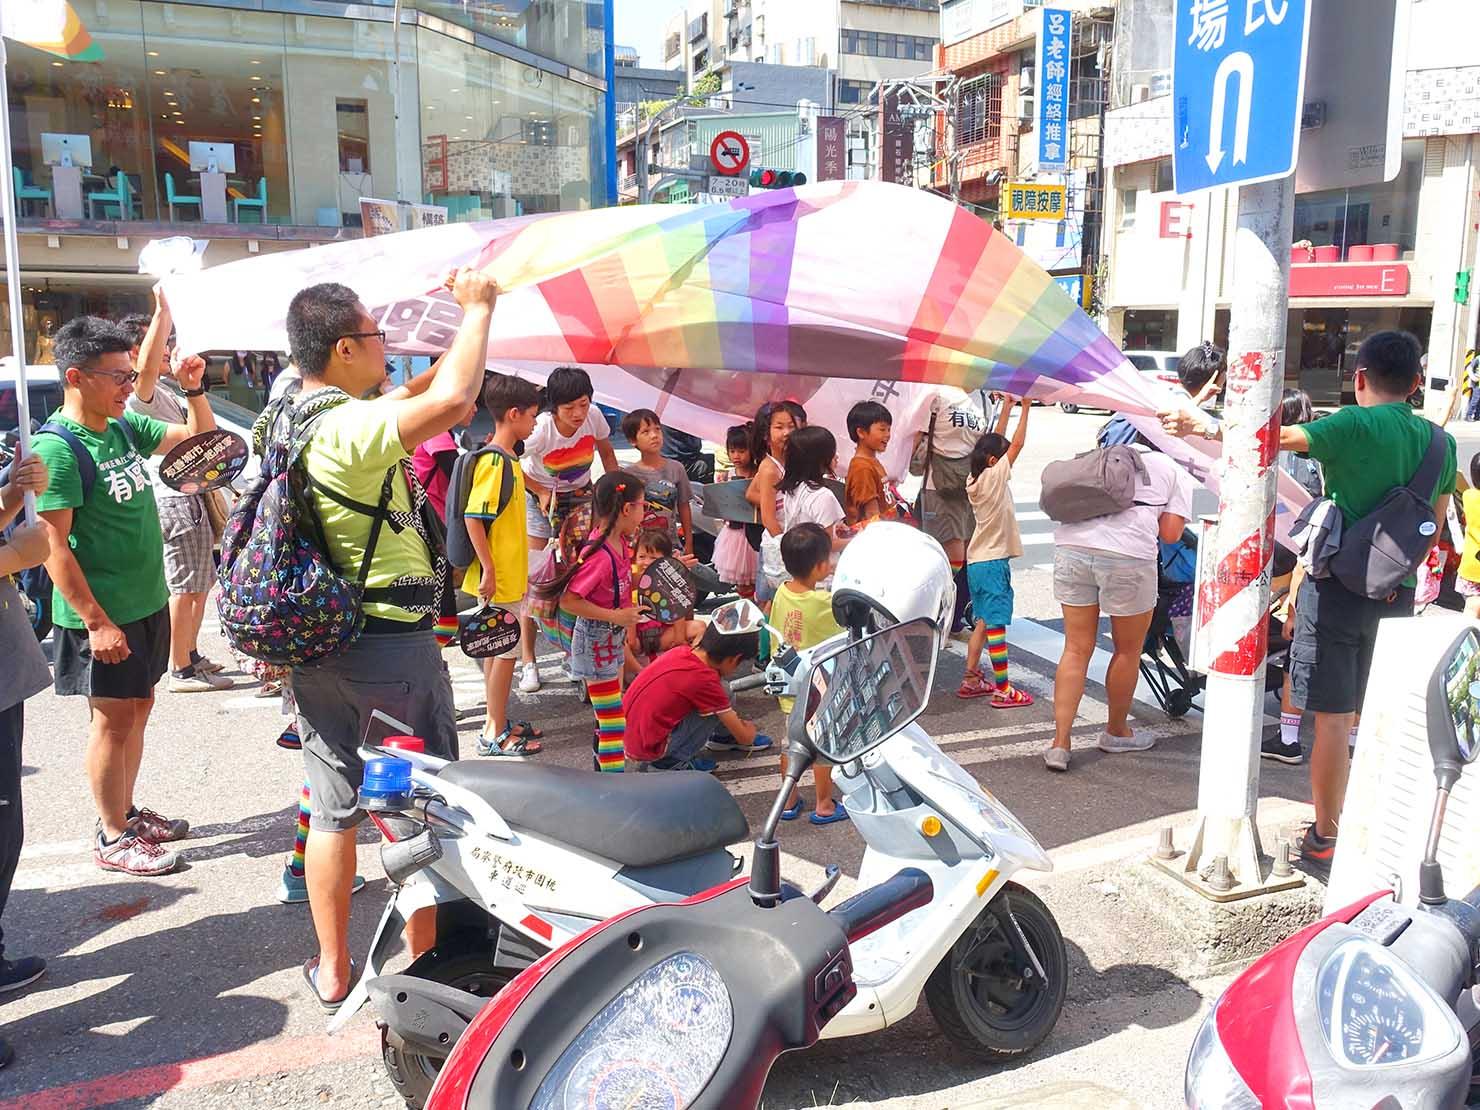 台湾・桃園のLGBTプライド「桃園彩虹野餐日」2020のパレードを親子で歩くグループ